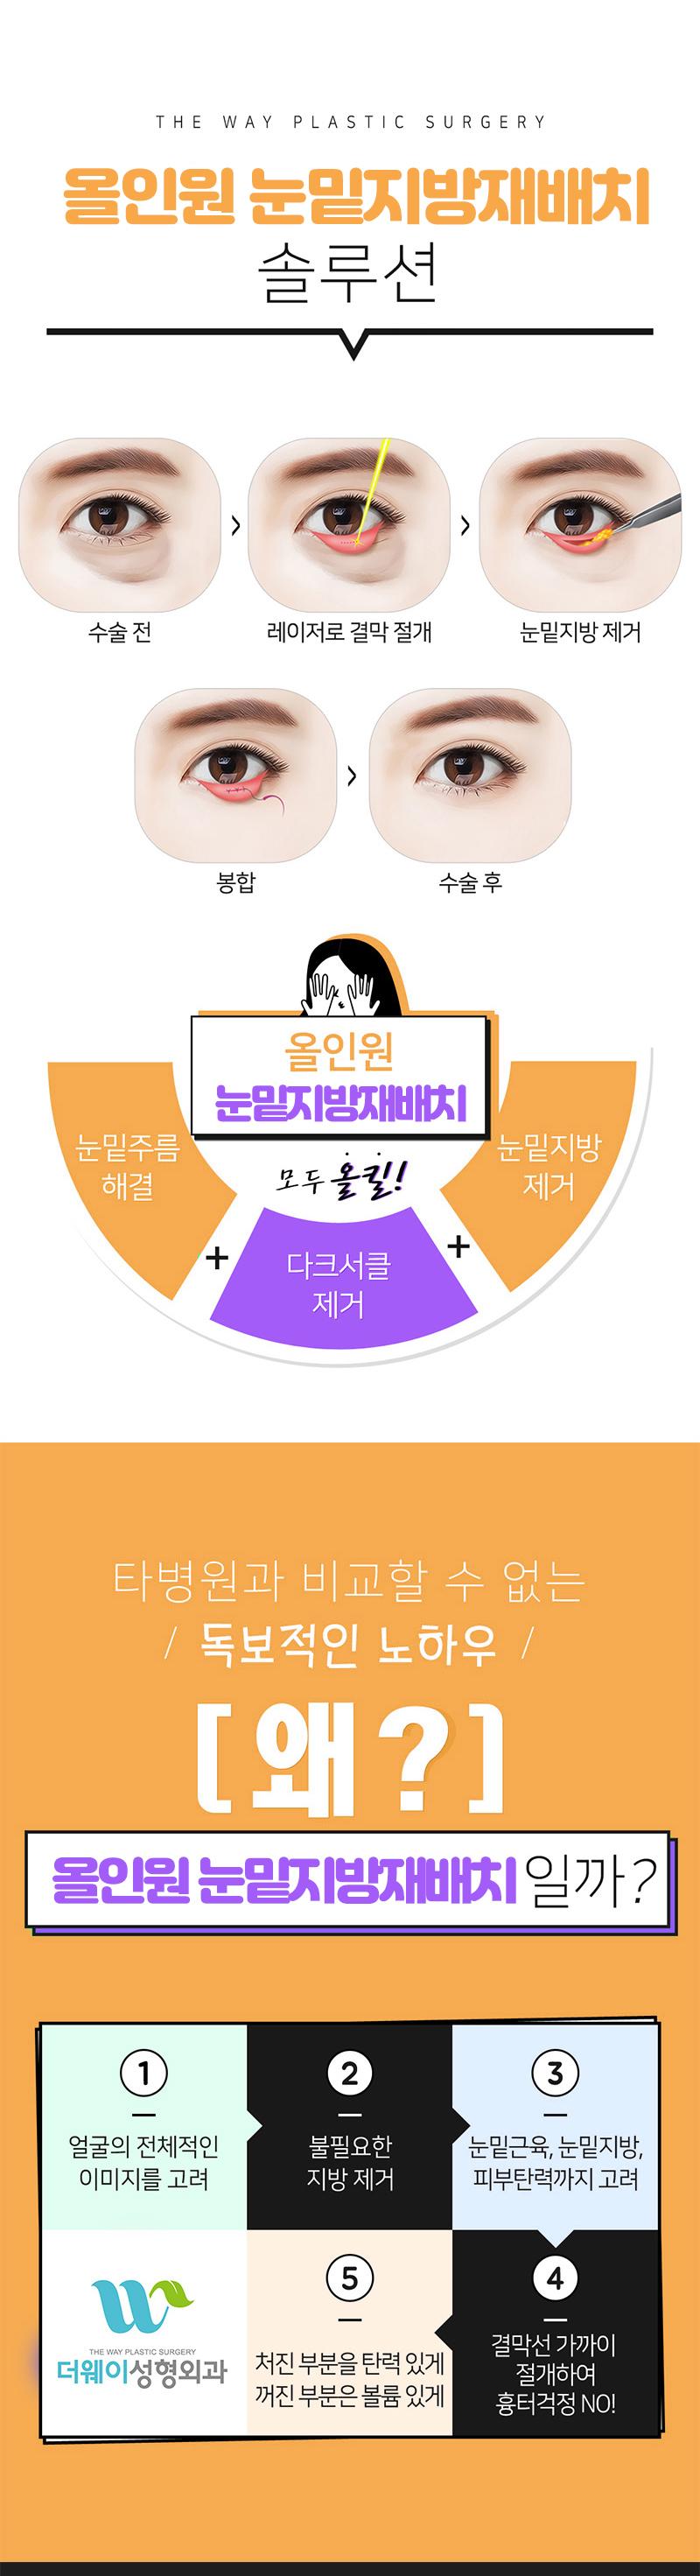 D event info dc4491a1a0375d421d